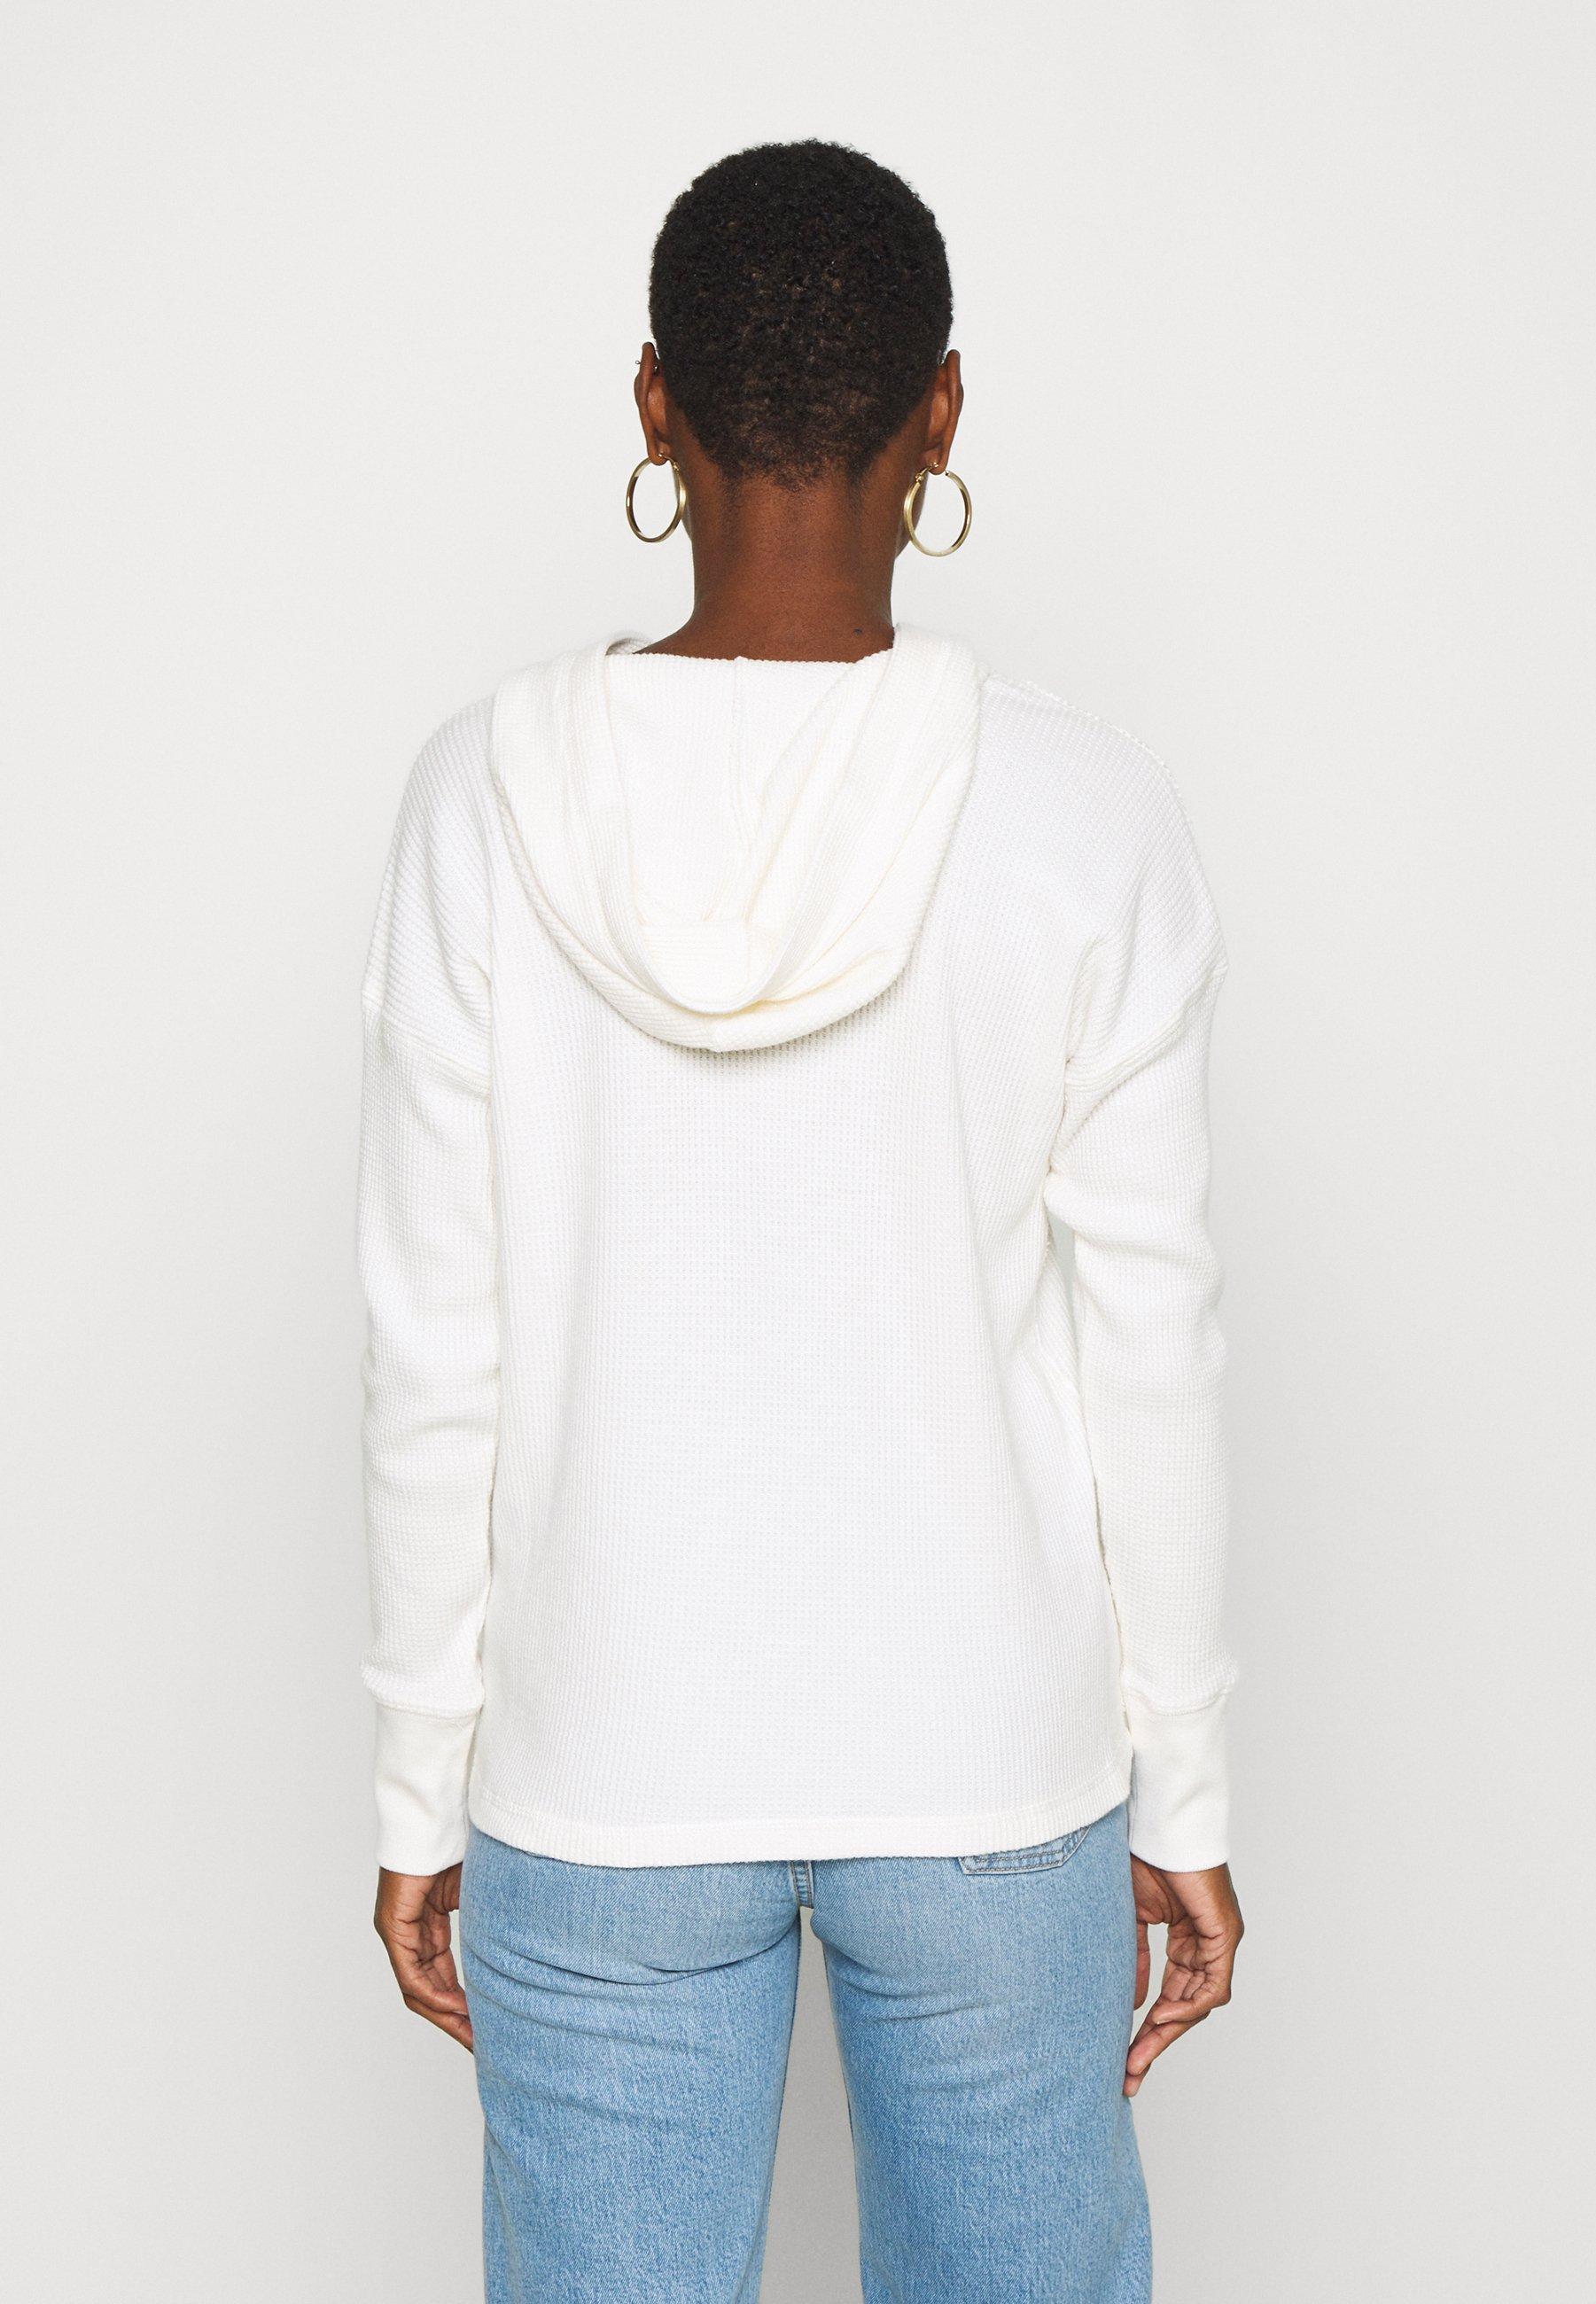 Abercrombie & Fitch LOGO HOOD  - Felpa con cappuccio - white - Abbigliamento da donna Veramente